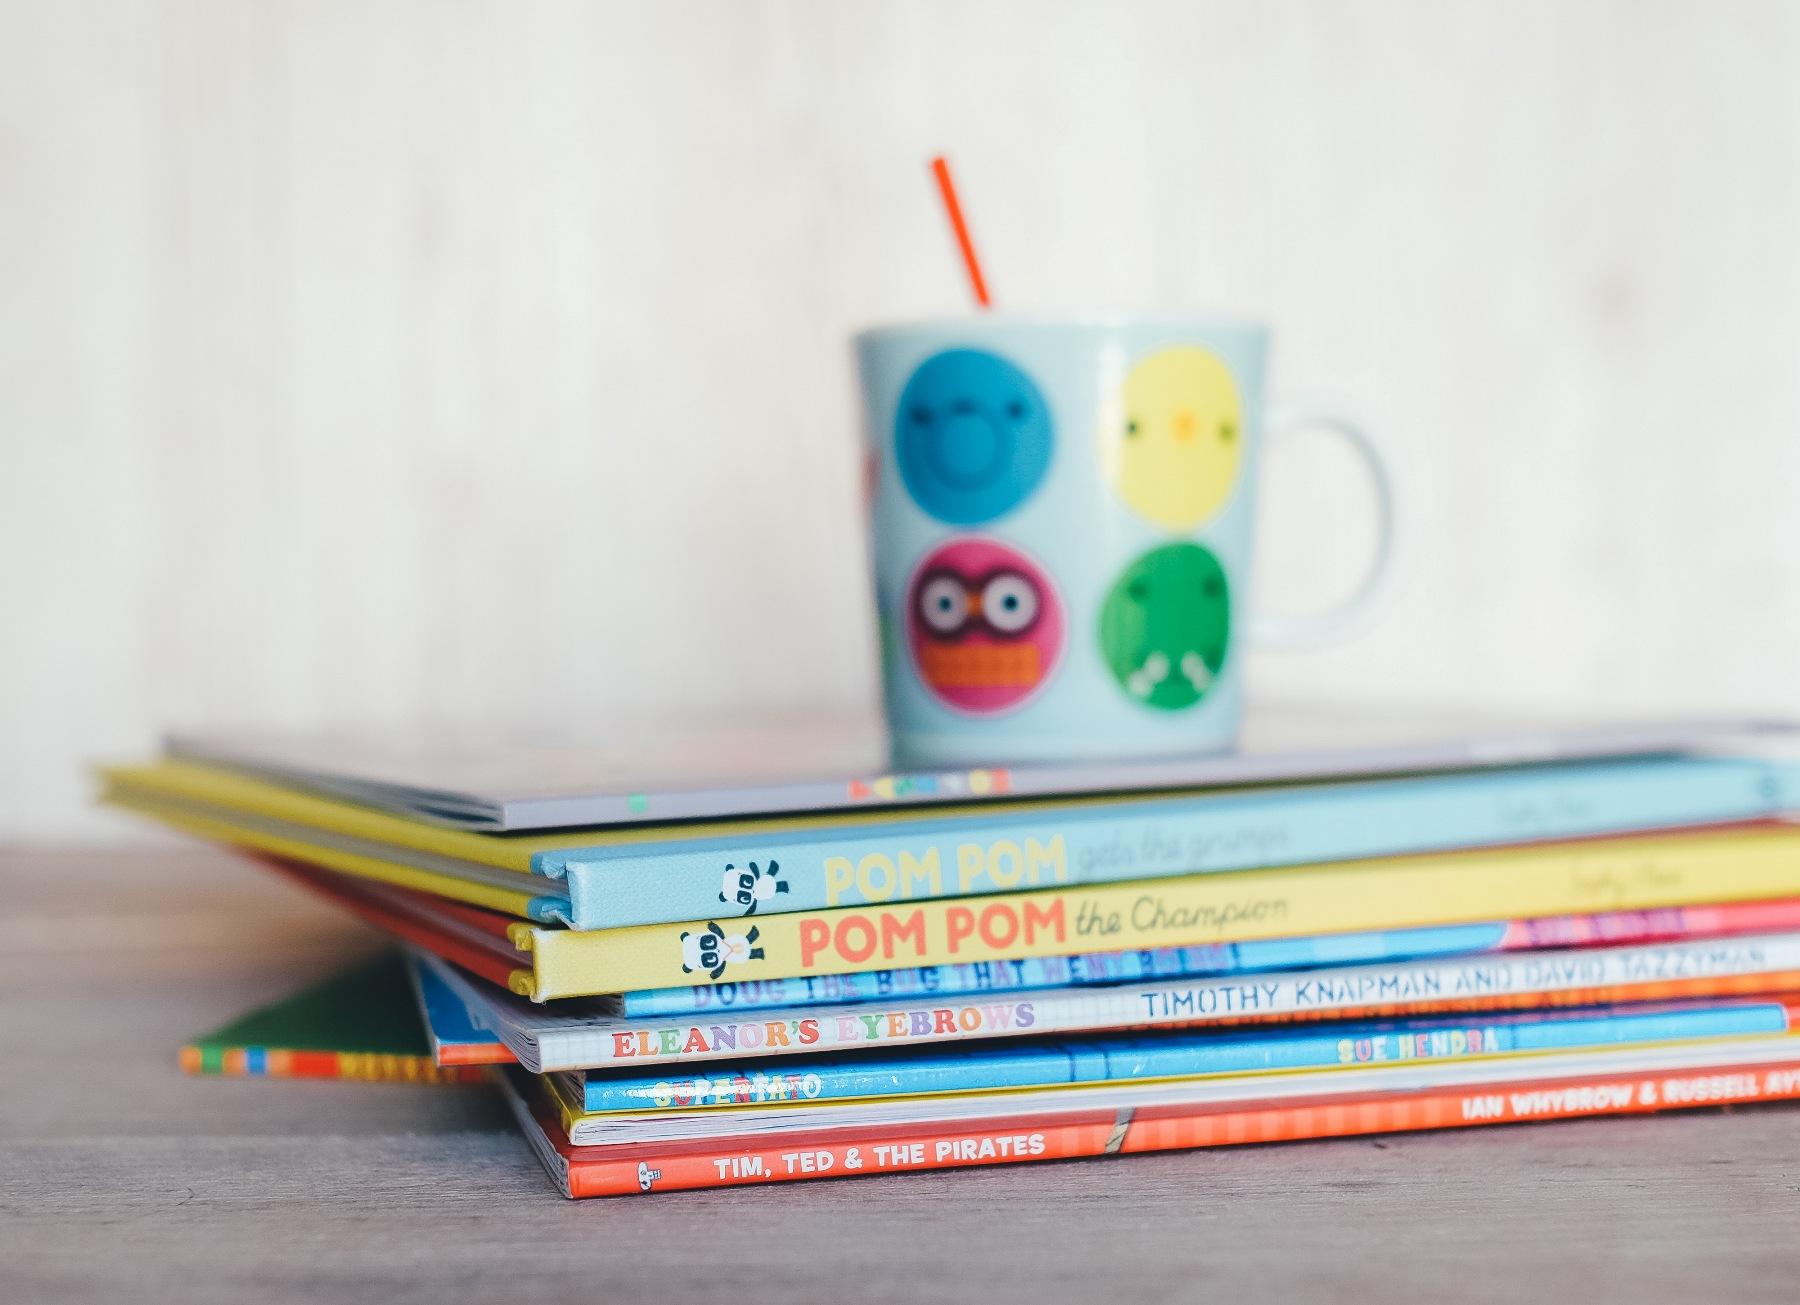 zdjęcie kubka na książkach